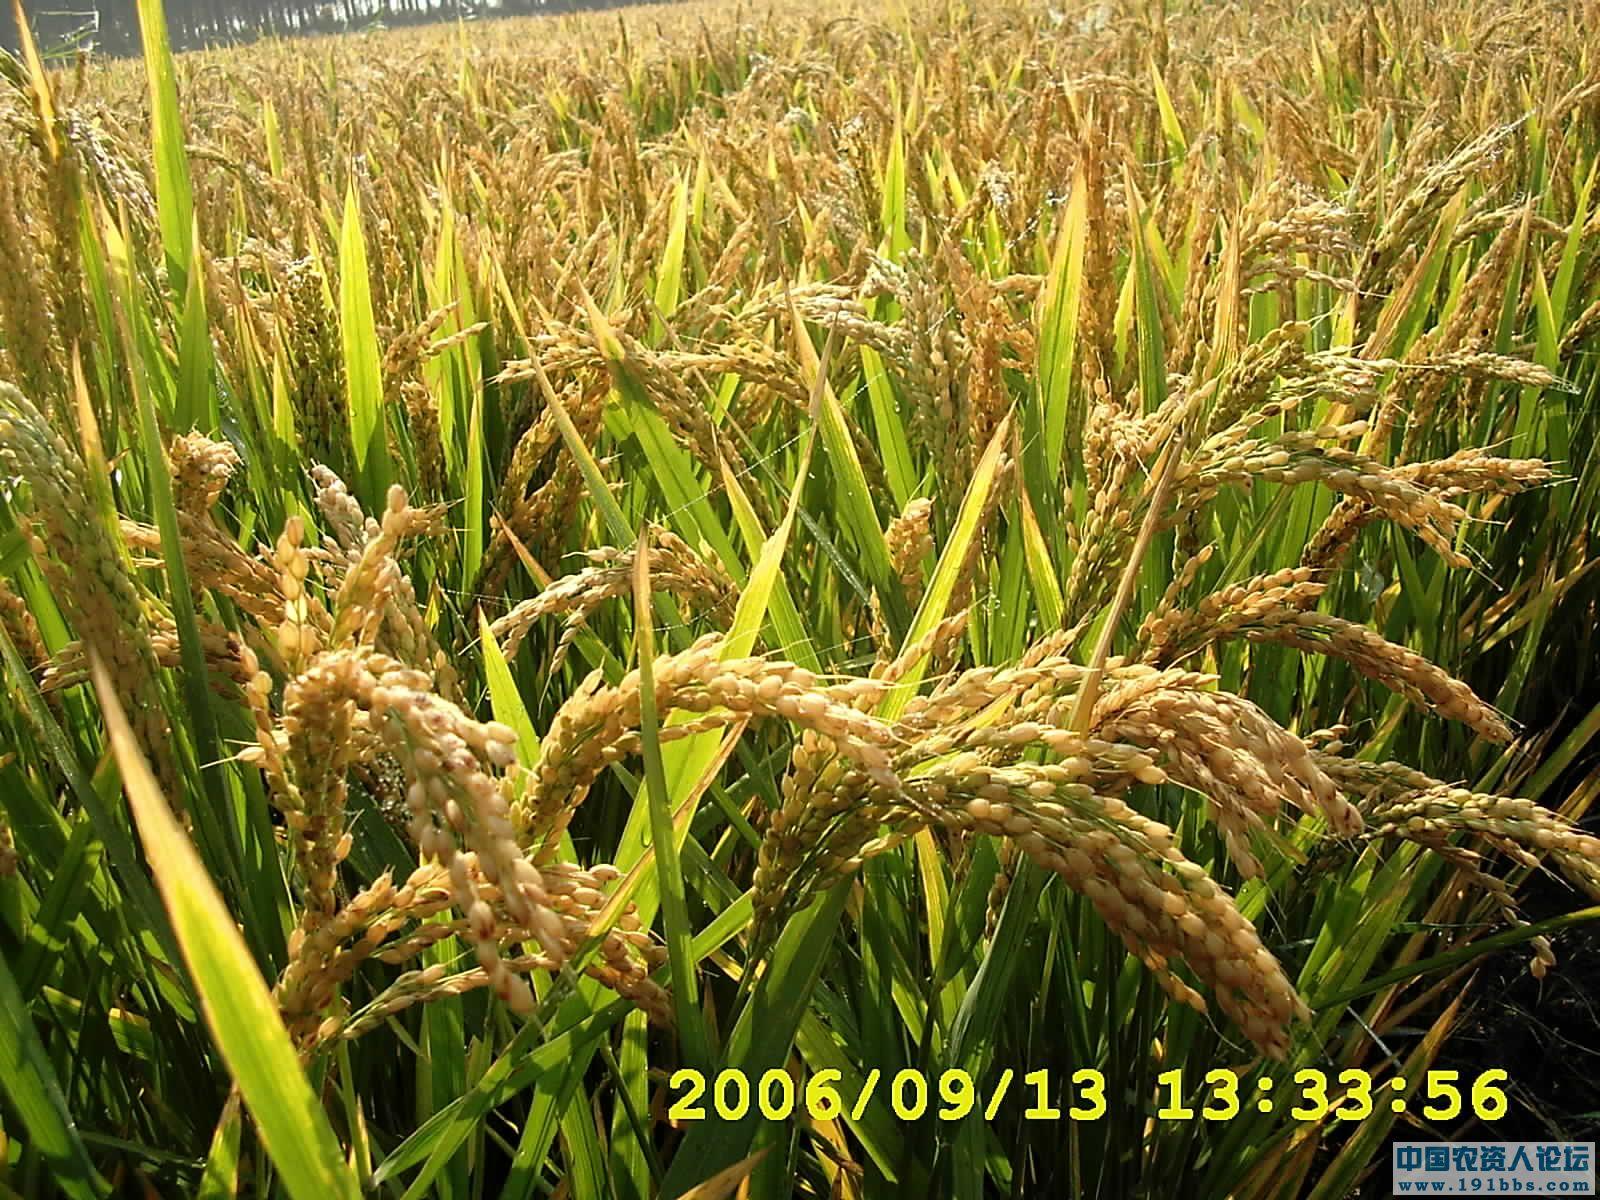 水稻提高产量、改善品质的施肥方法 [复制链接]